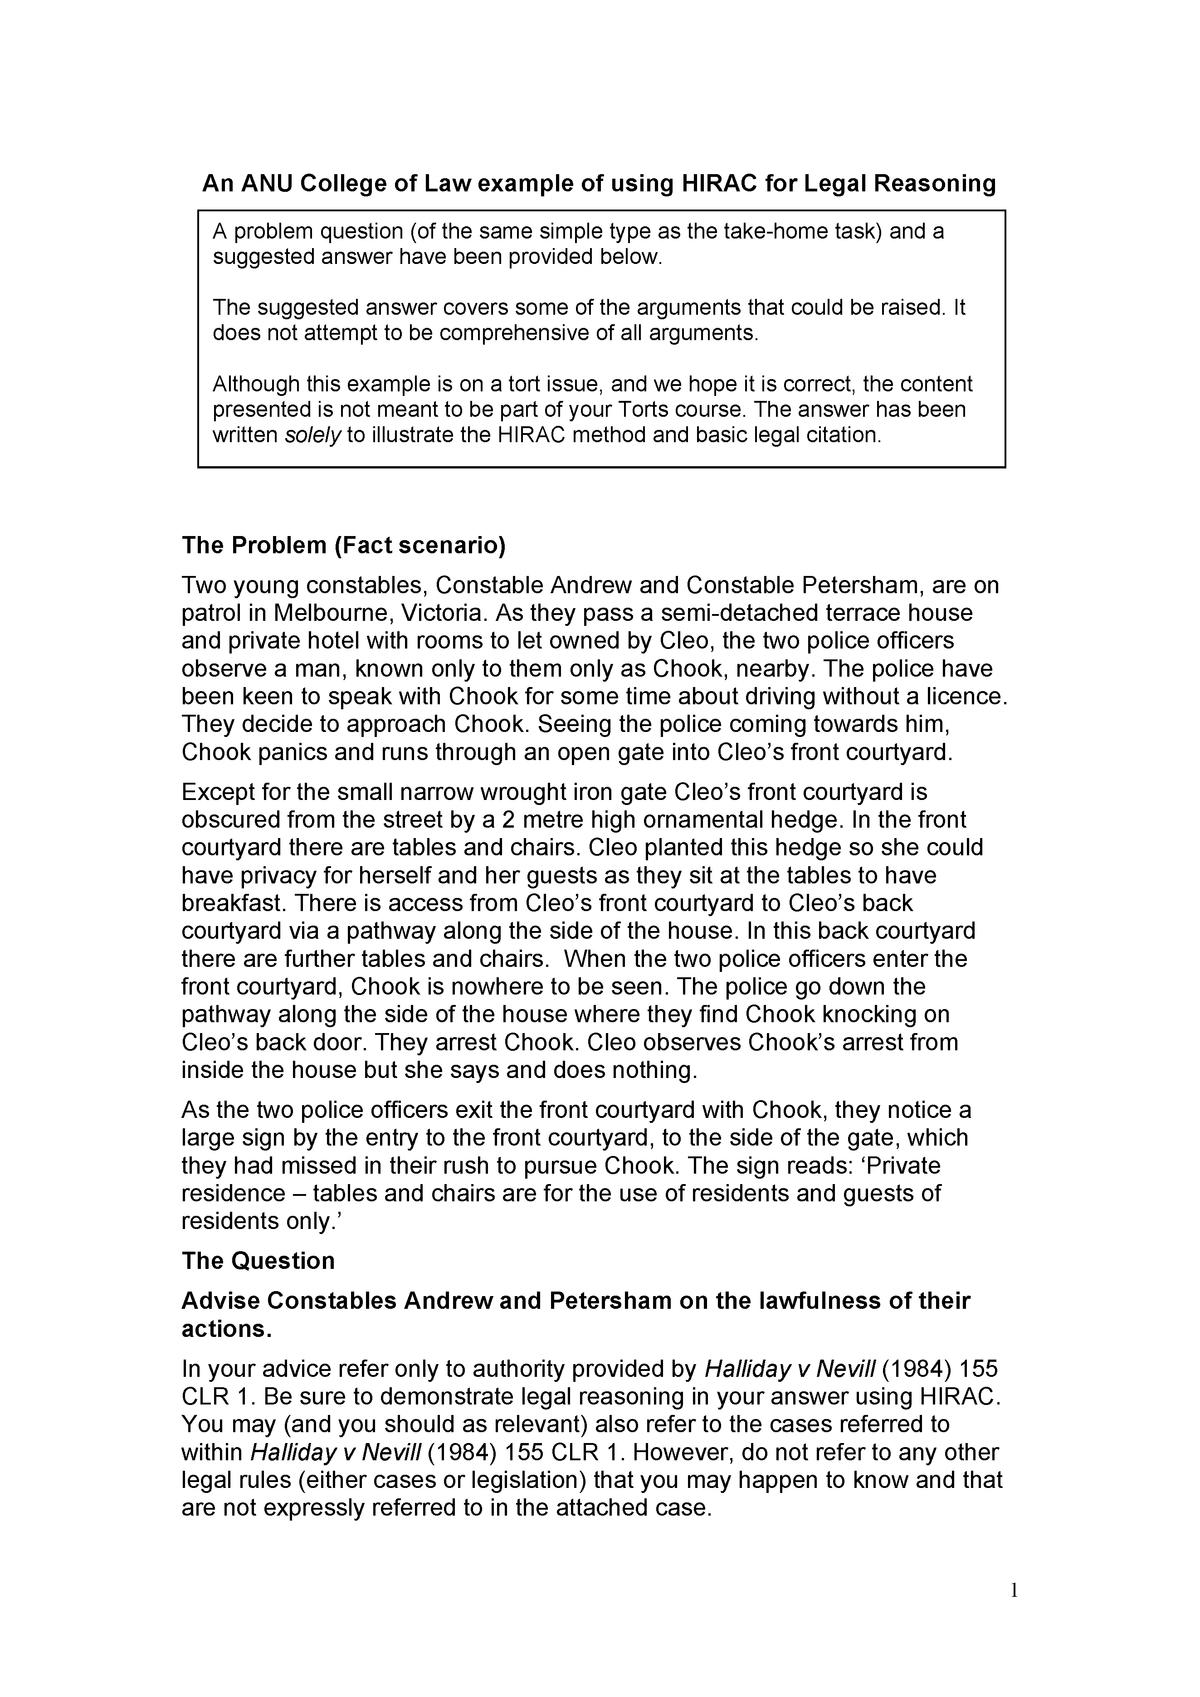 Sample/practice exam 2017, answers - LAWS1201 - ANU - StuDocu